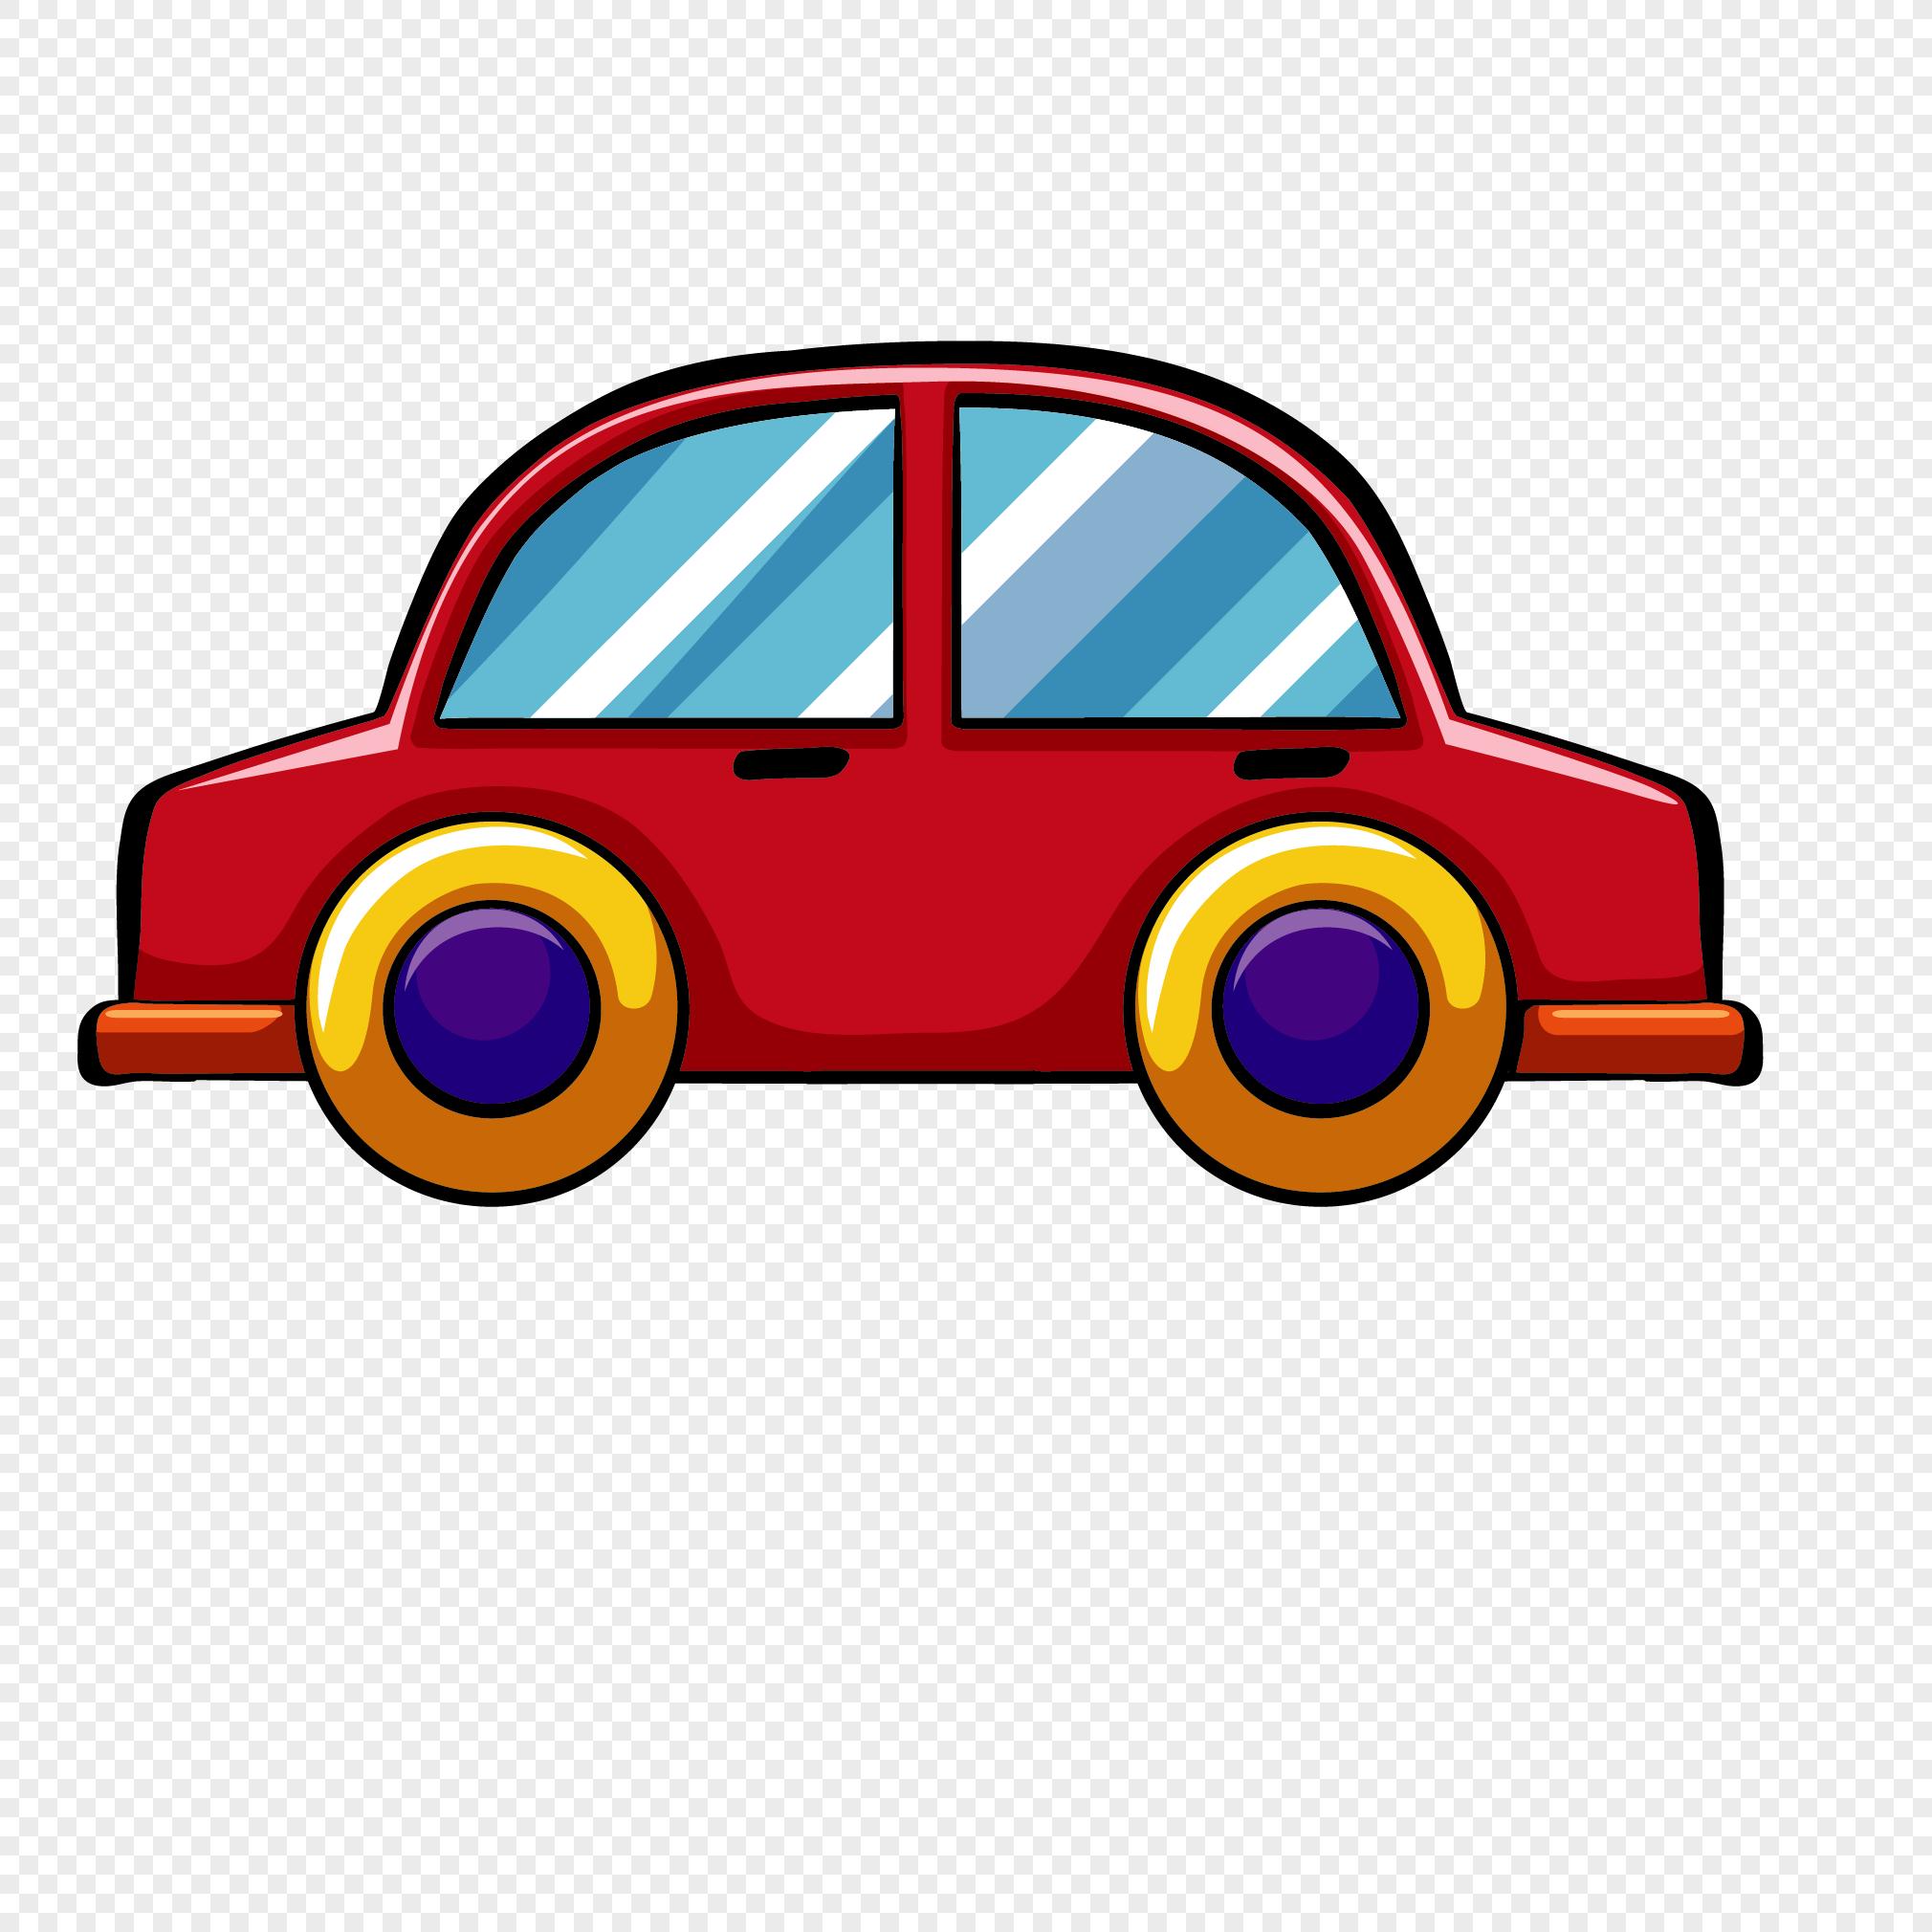 Carro De Juguete Rojo Imagen Descargar Prf Graficos 400747149